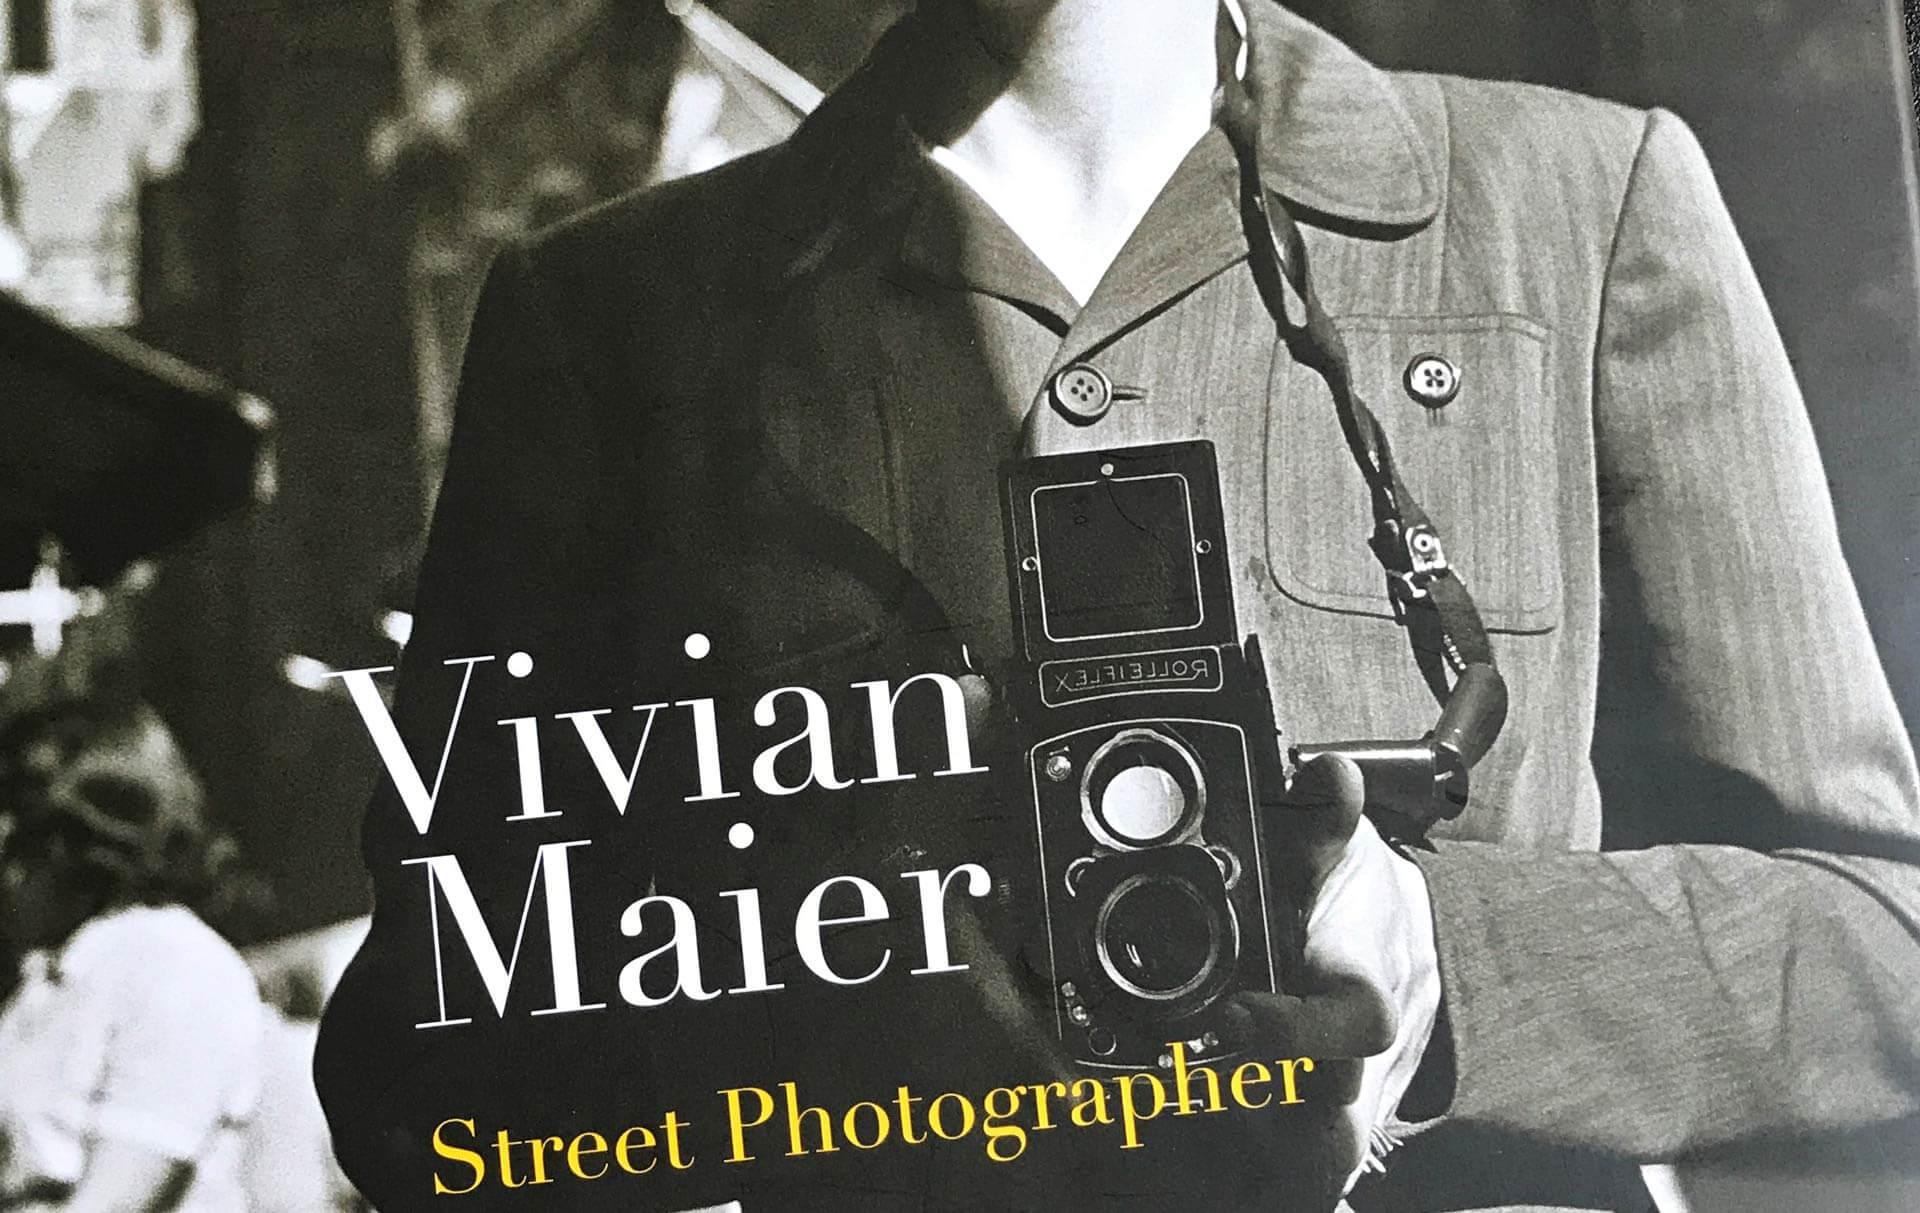 ヴィヴィアン・マイヤーヘッダー画像